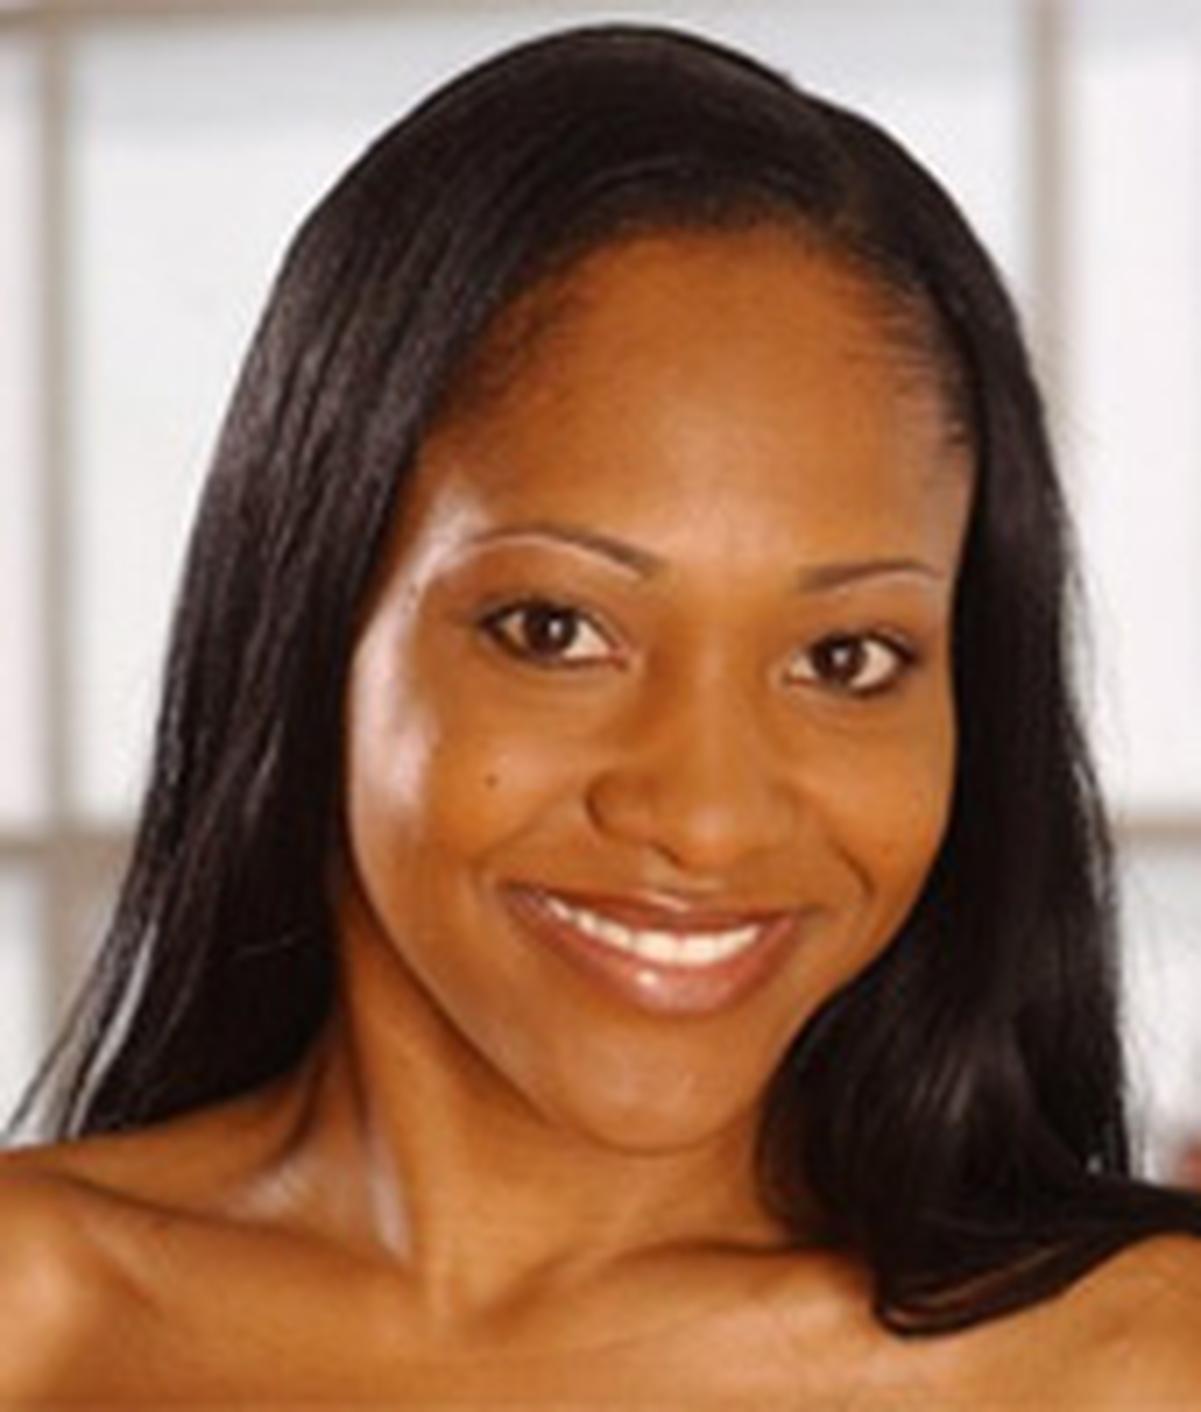 Adina Jewel | Wiki & Bio | Everipedia